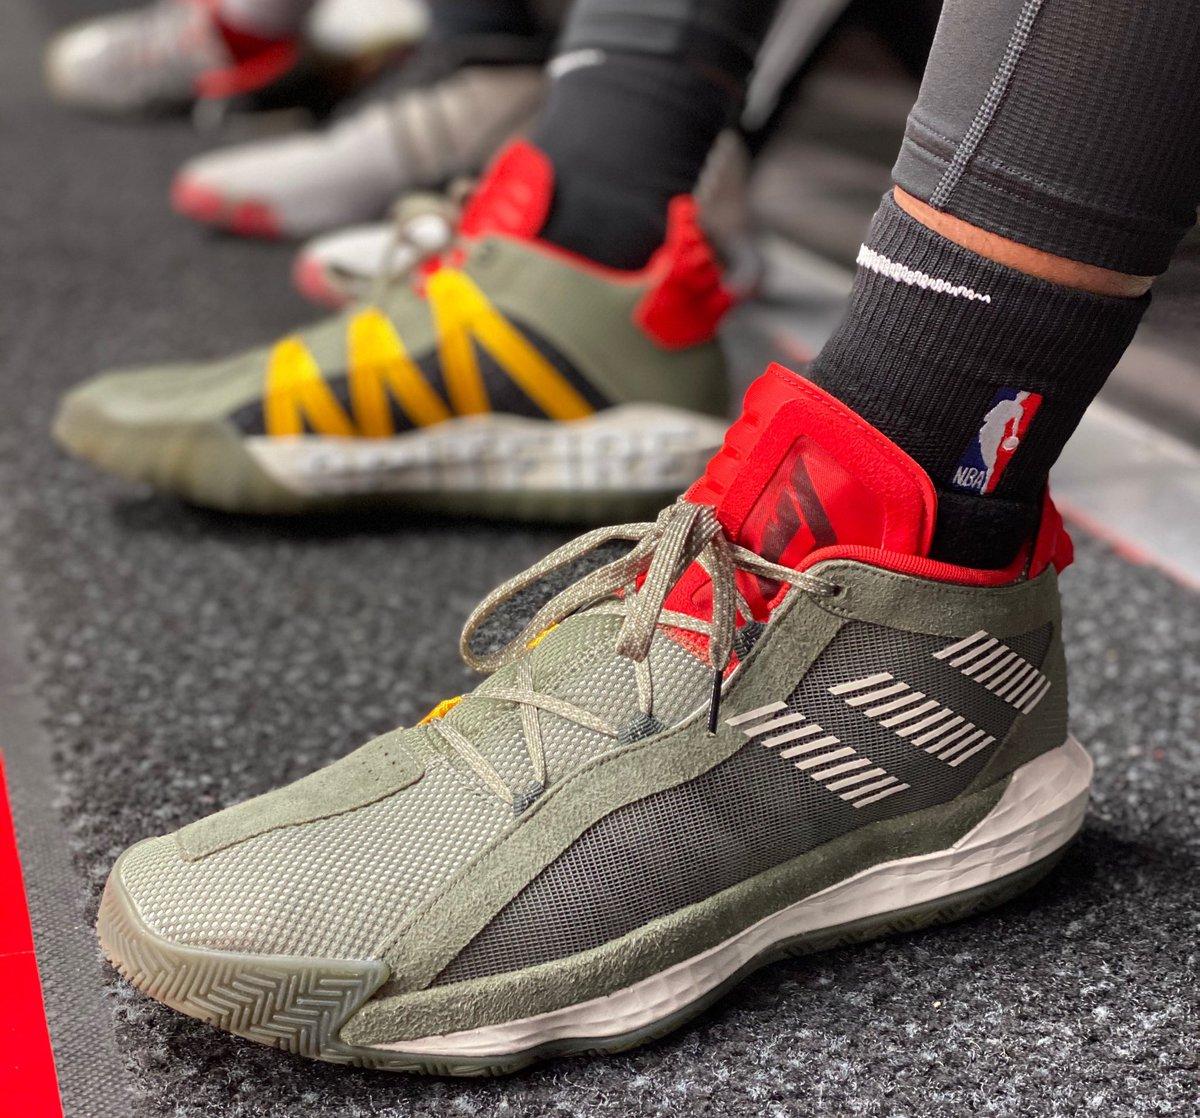 🔥 @Dame_Lillard's adidas Dame 6 at home!   #NBAKicks #RipCity